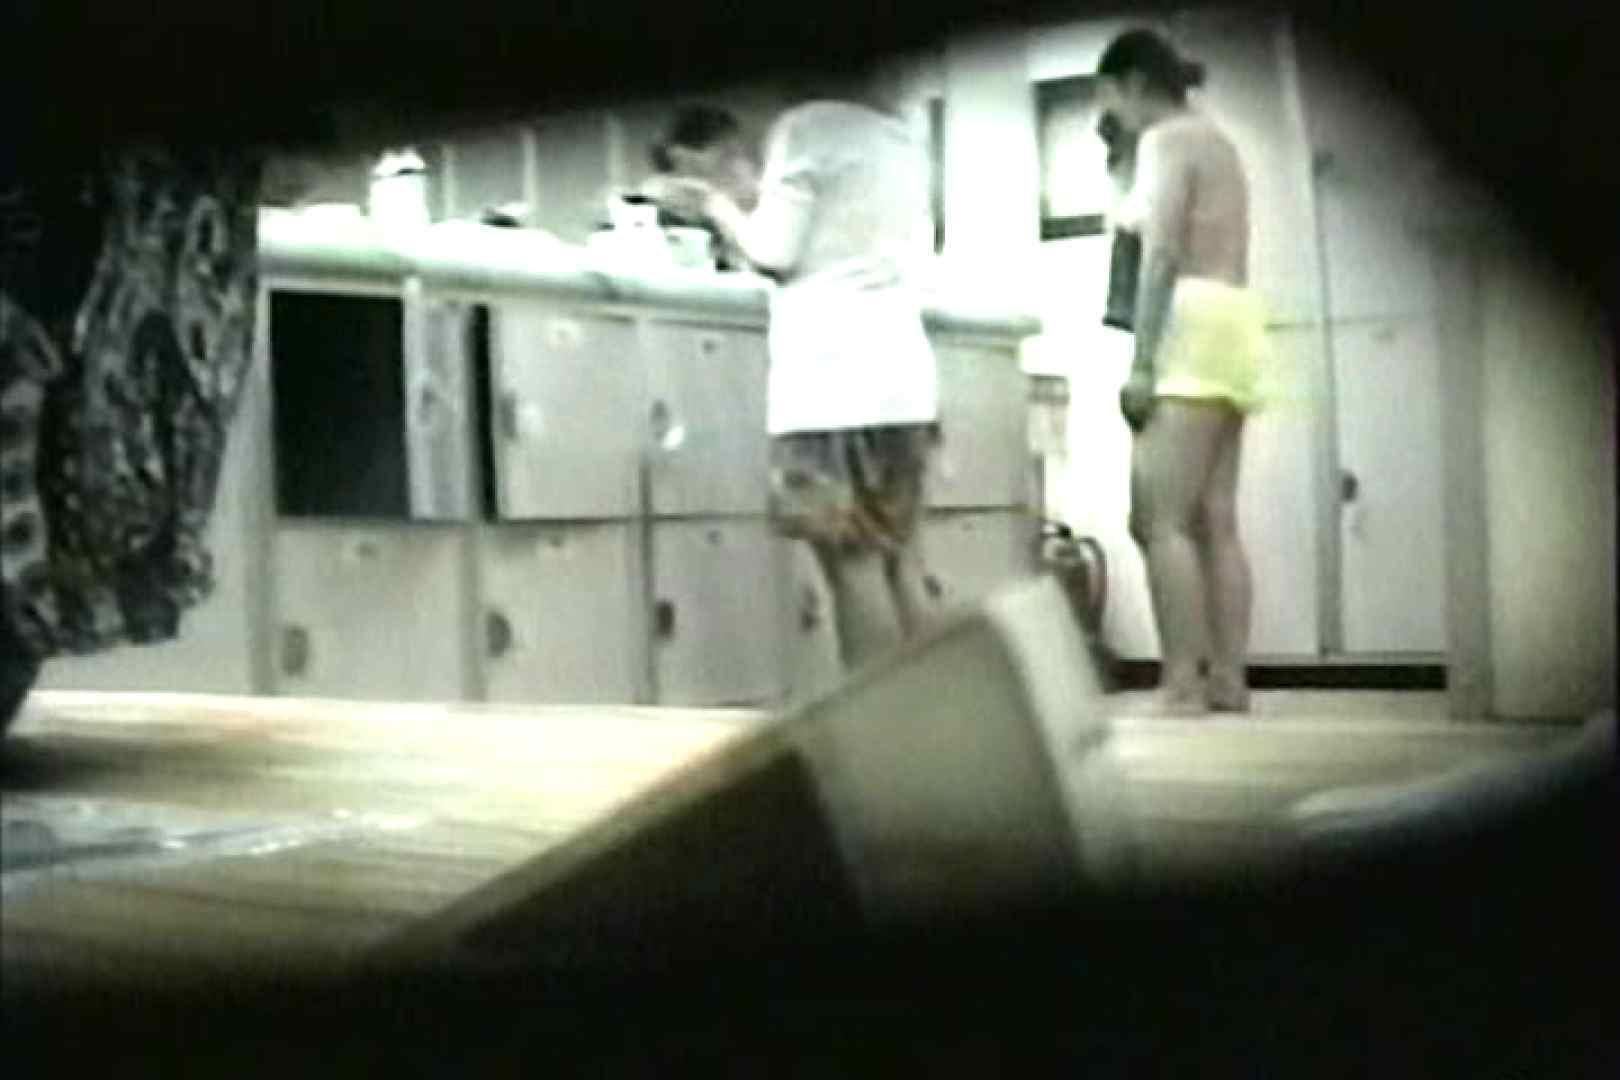 女性だからここまで撮れた 脱衣所盗撮 TK-96 おまんこ無修正 AV動画キャプチャ 57画像 18